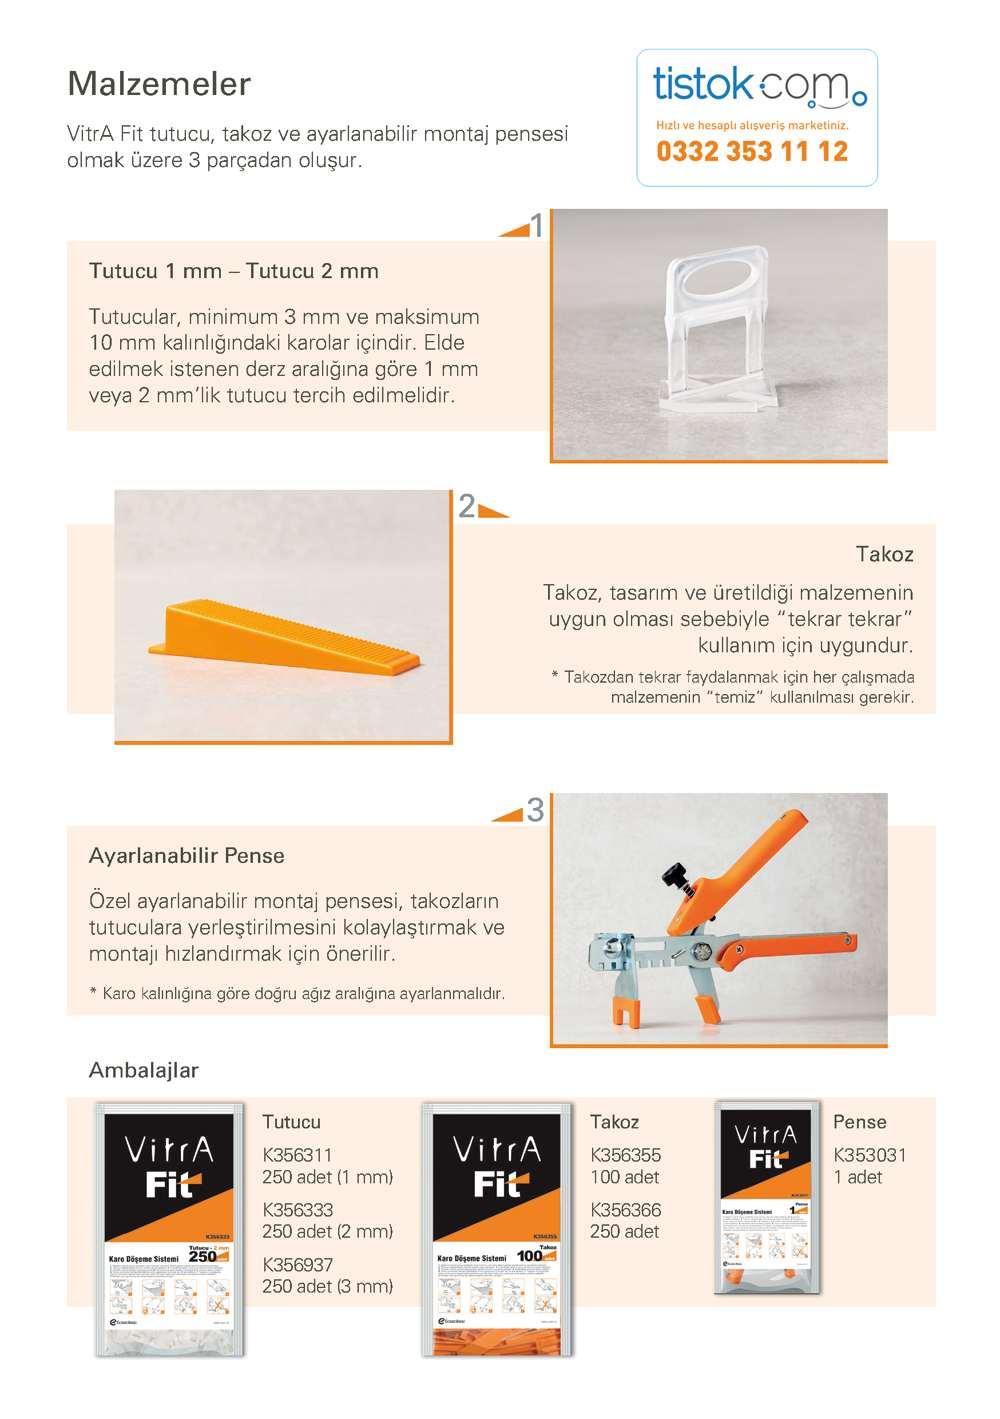 Vitra fit takozlu seramik döşeme sistemleri fiyatları toptan en ucuz